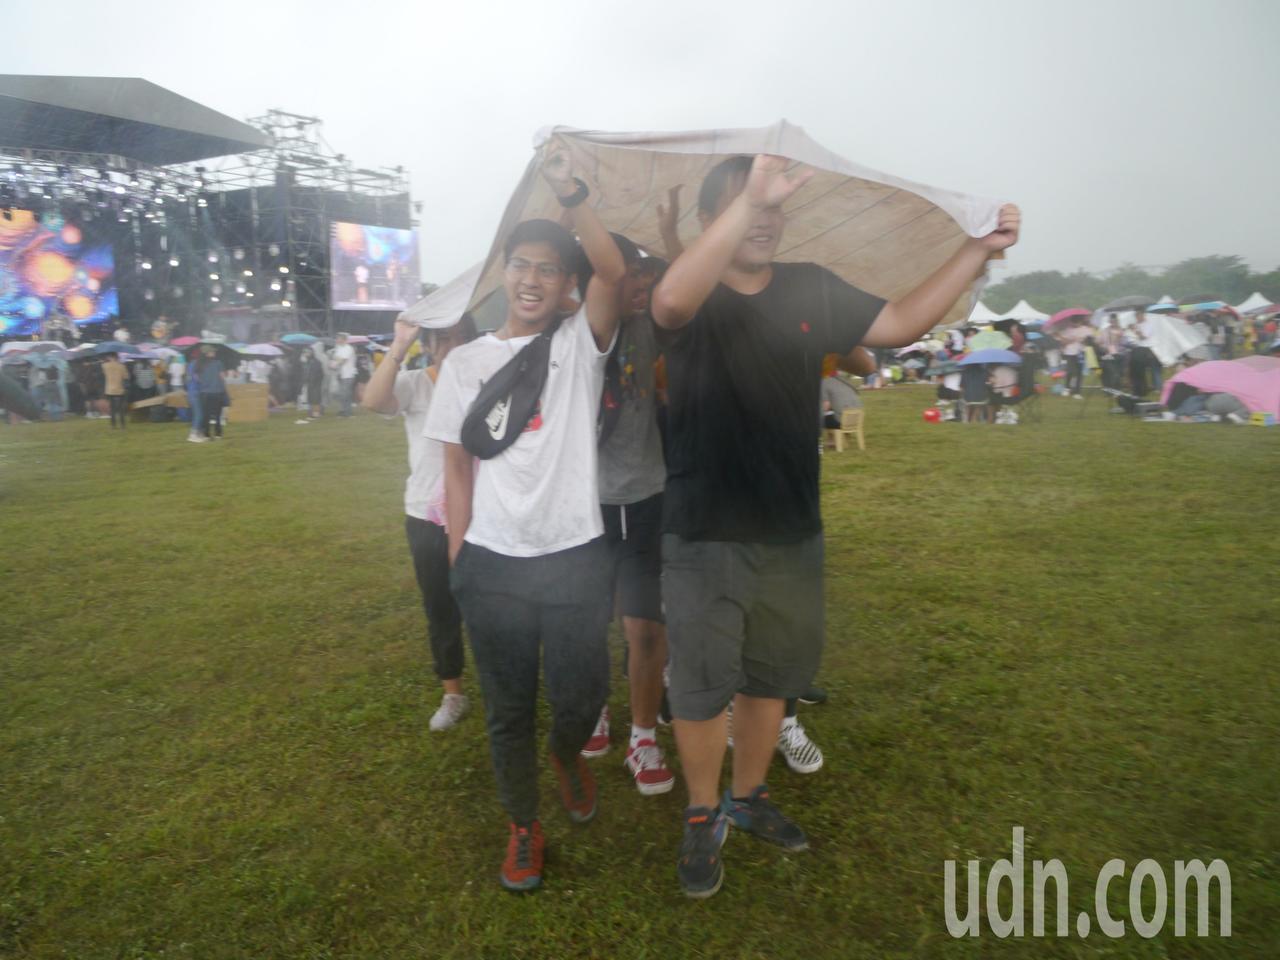 天際突然下起大雨突,野餐觀眾索性拿起野餐地墊當遮雨布。記者徐白櫻/攝影